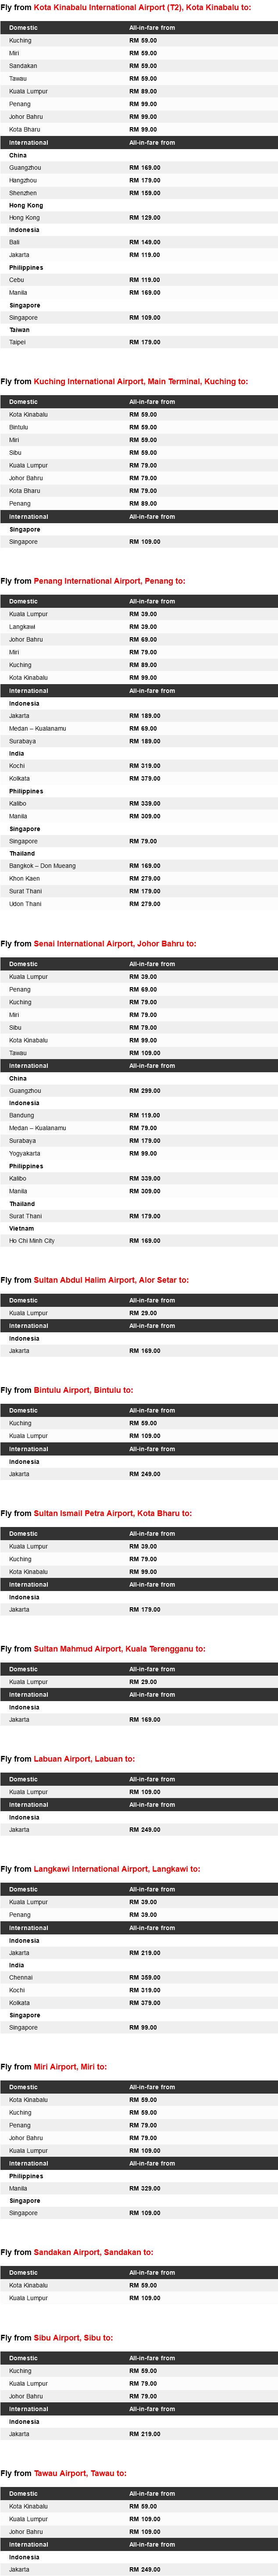 AirAsia Low Fares Promo